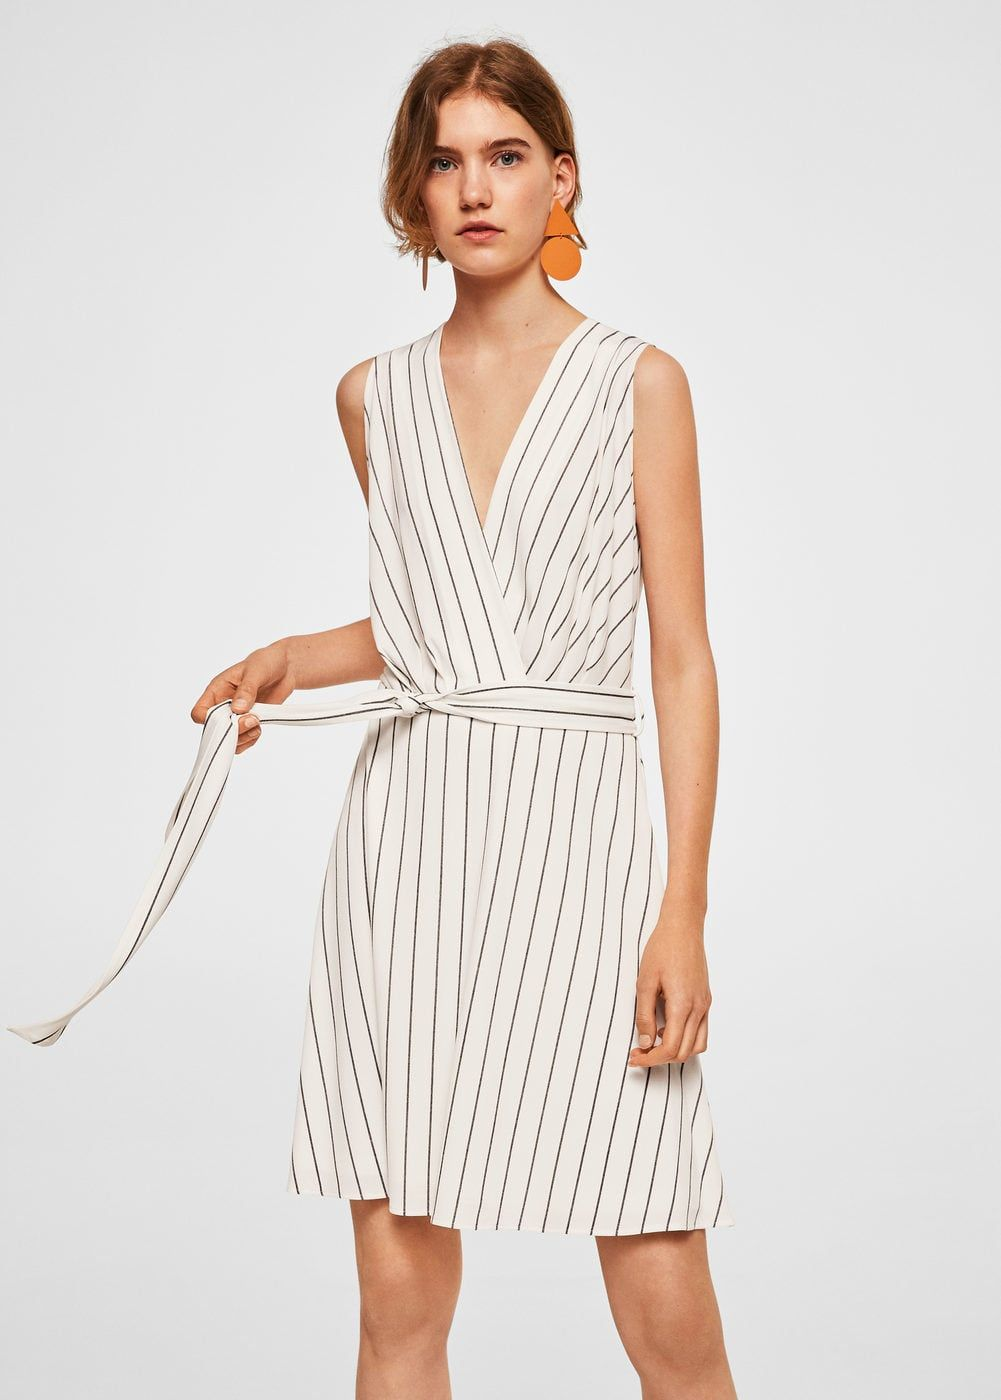 Online Fashion Wrap Dress Fashion Womens Dresses [ 1400 x 1001 Pixel ]